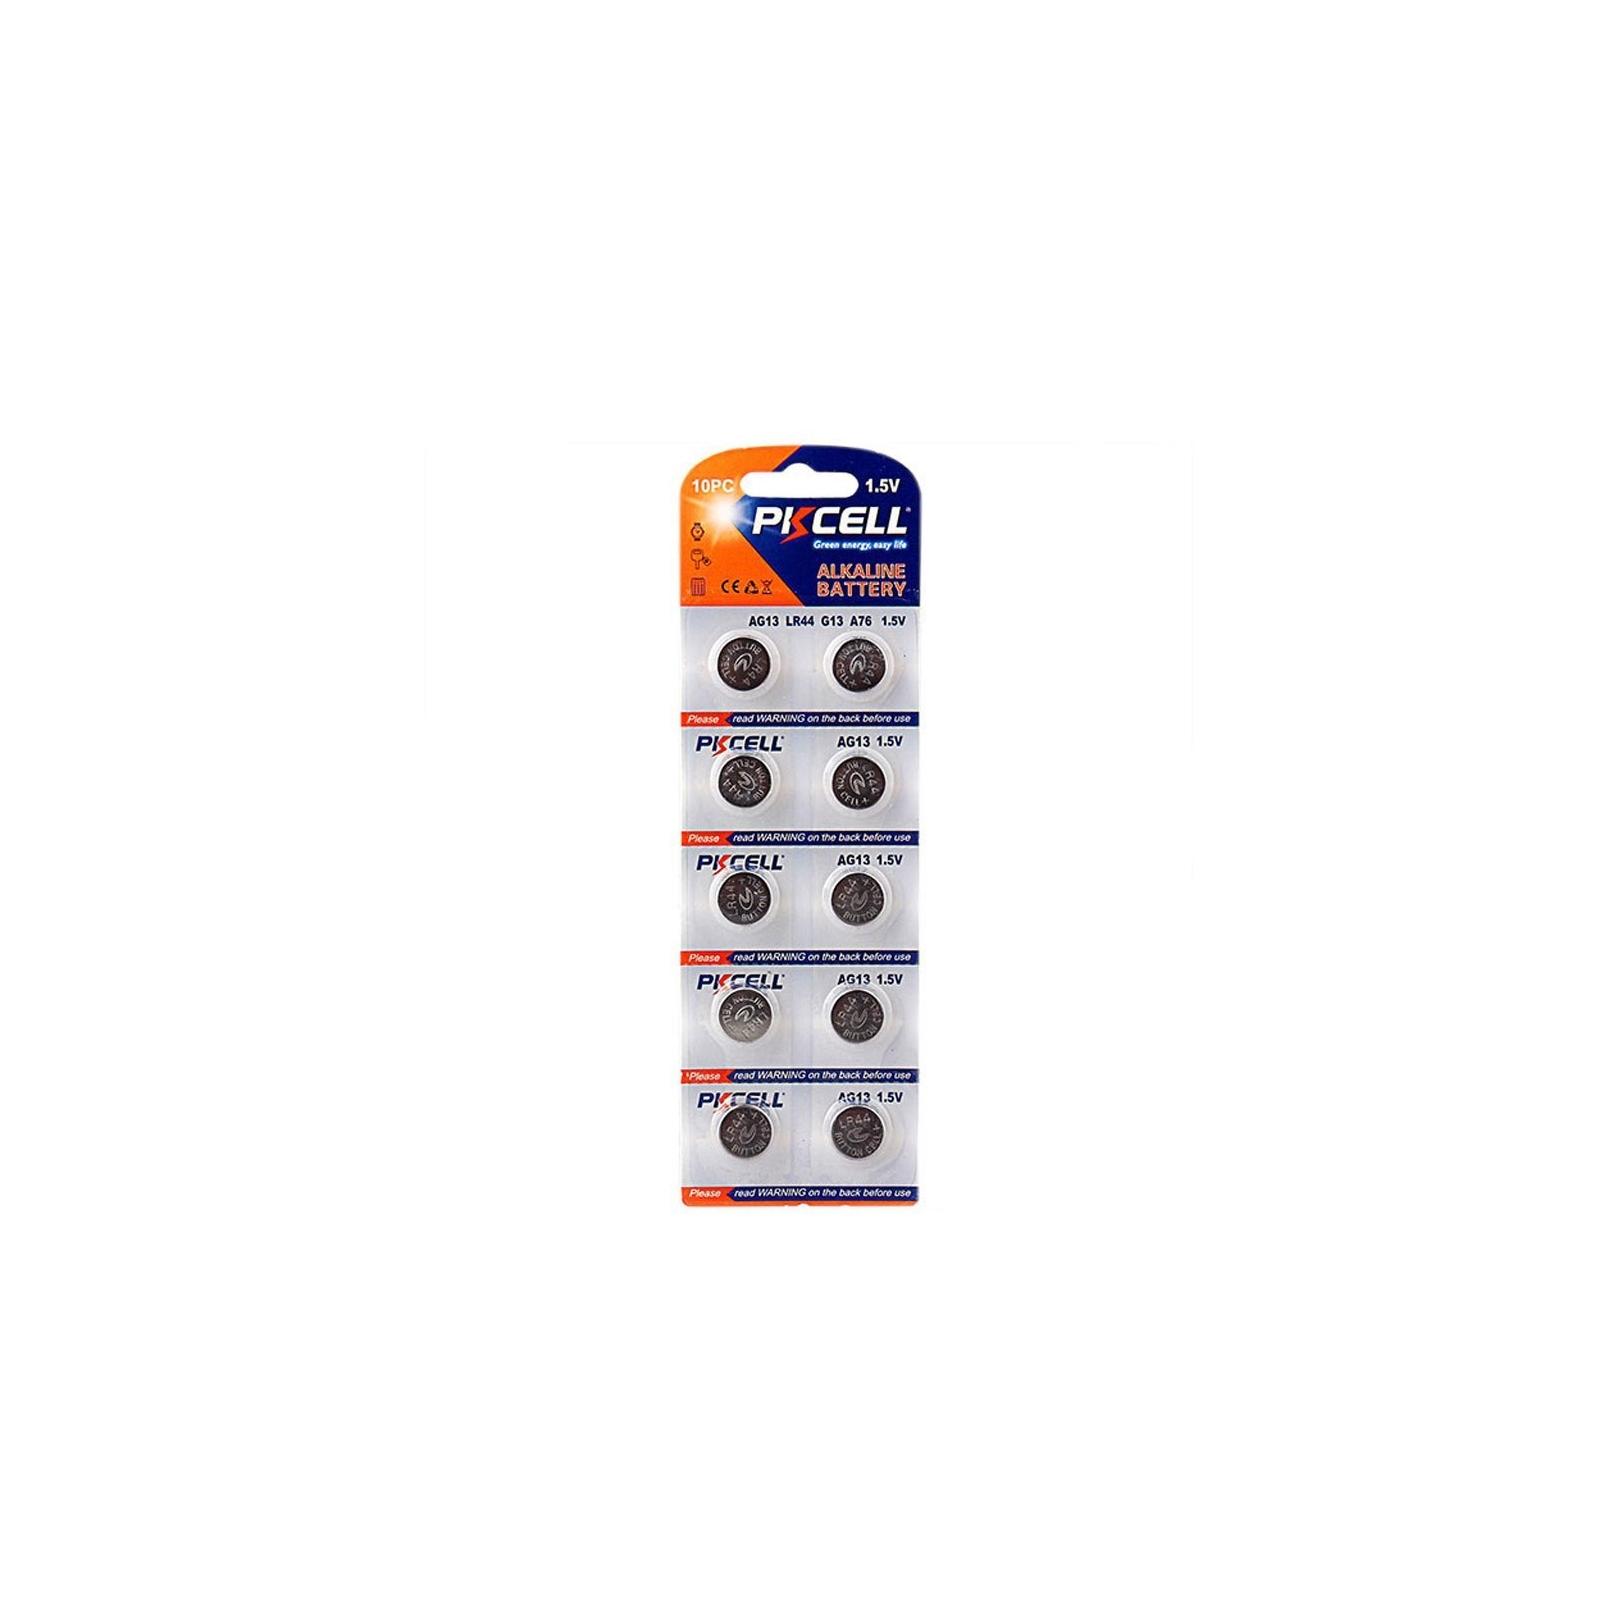 10 Piles Bouton AG13 Super Alcaline 1.5V PKCell